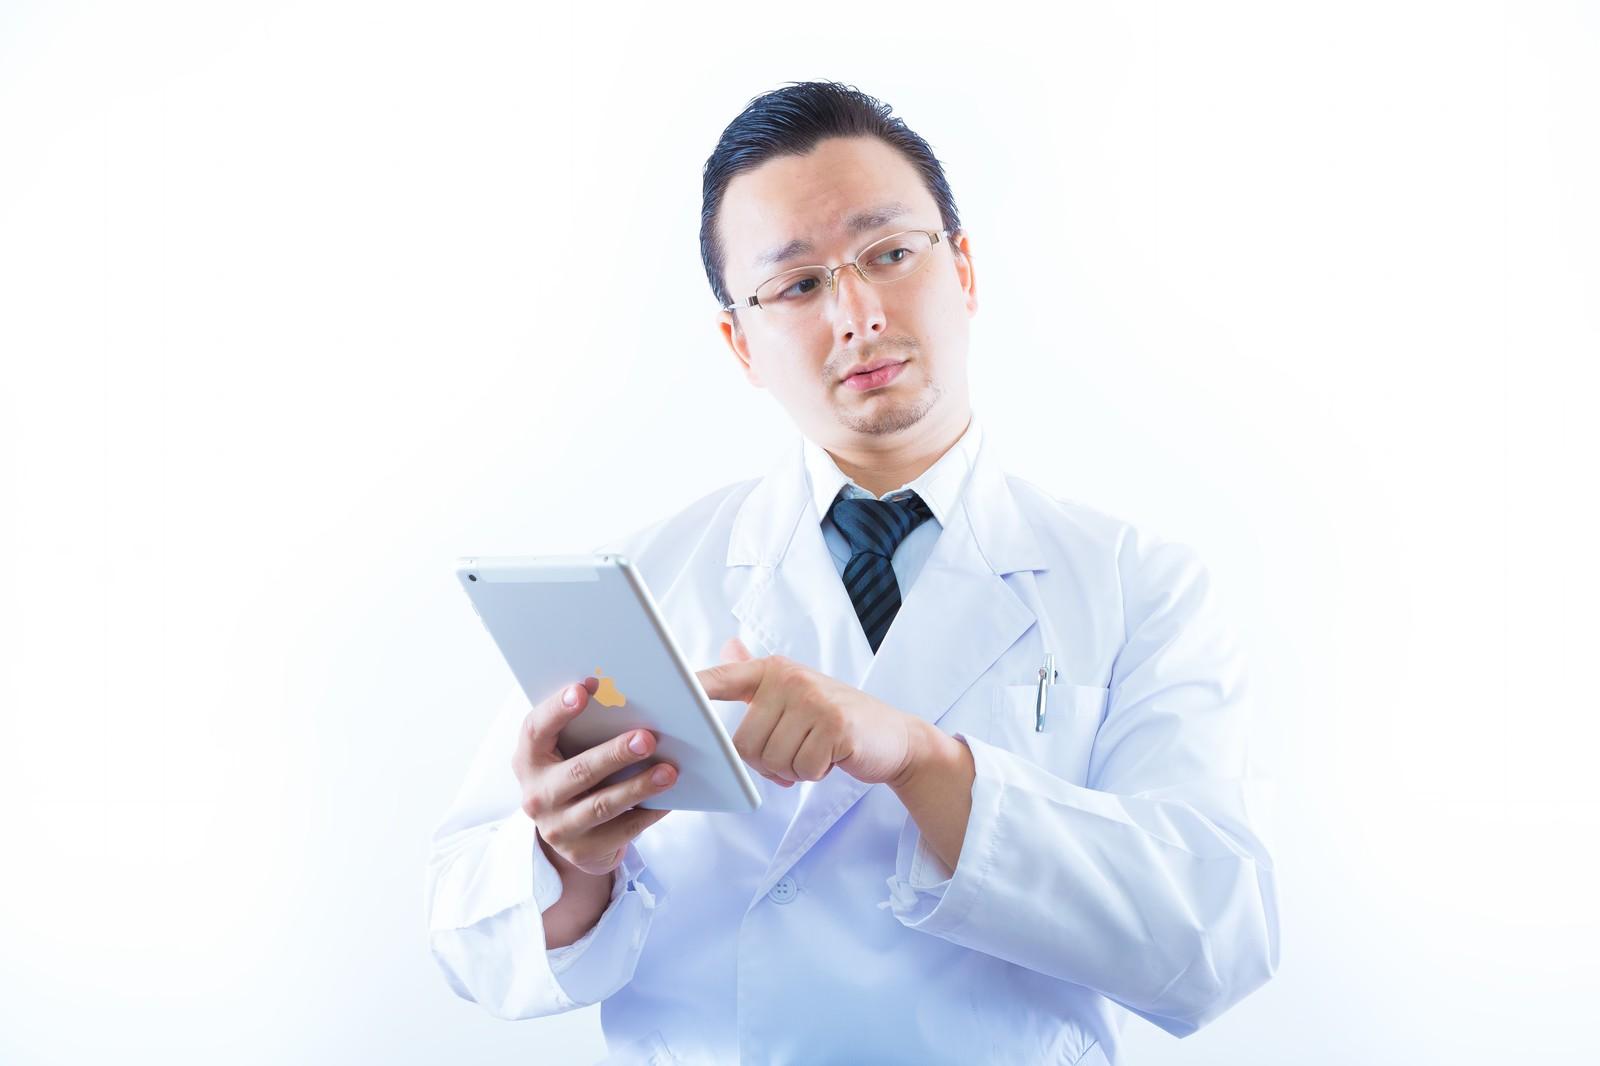 看護師や医療事務の面接で病気についての質問は合法?